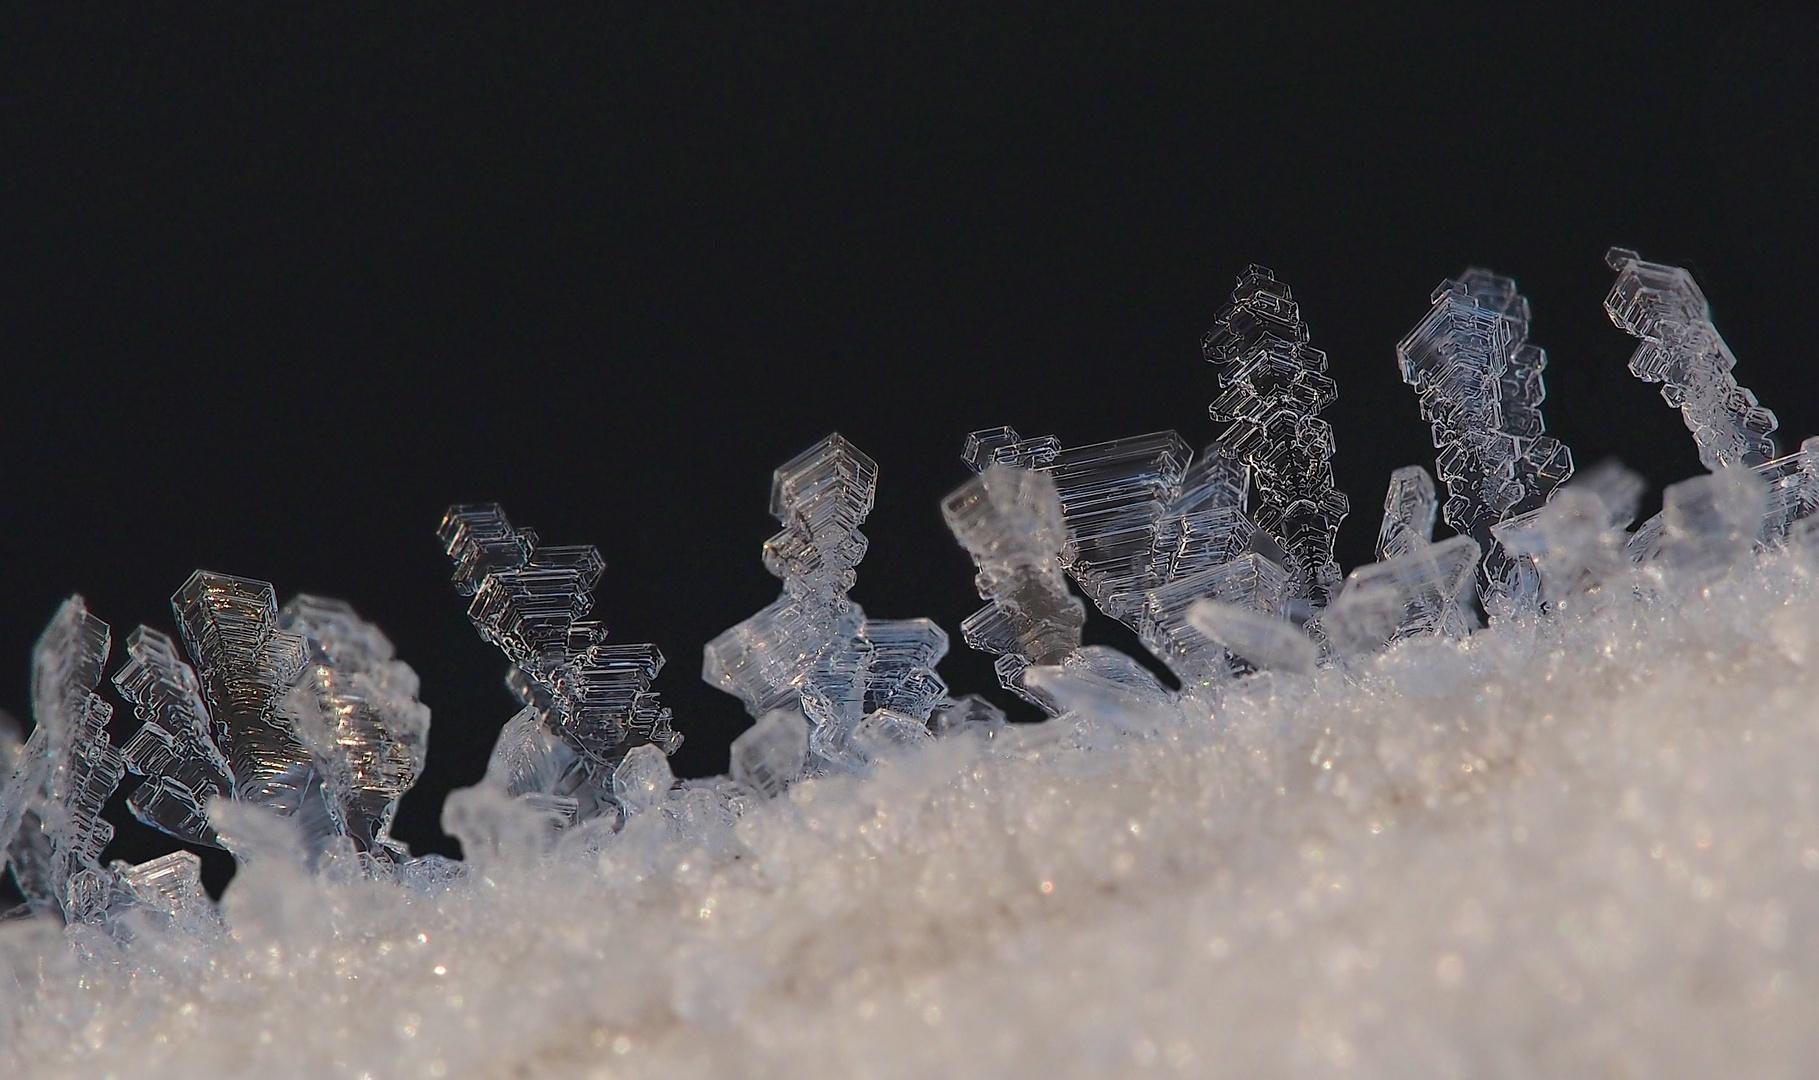 Raureifkristalle - nach einer Nacht mit -14°C - beim ersten Sonnenlicht II